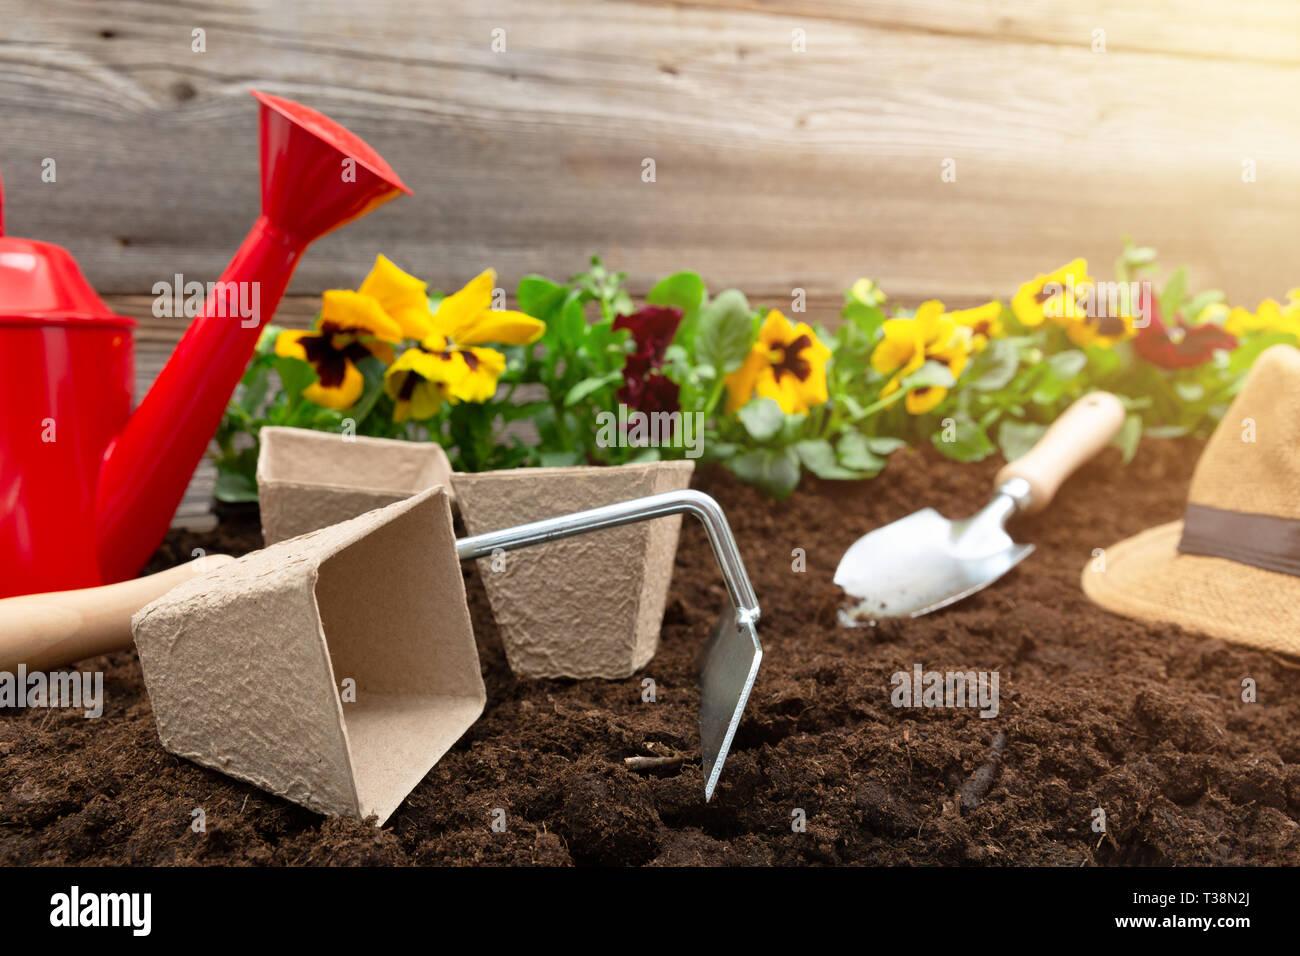 Herramientas De Jardinería Y Spring Pansy Flores En La